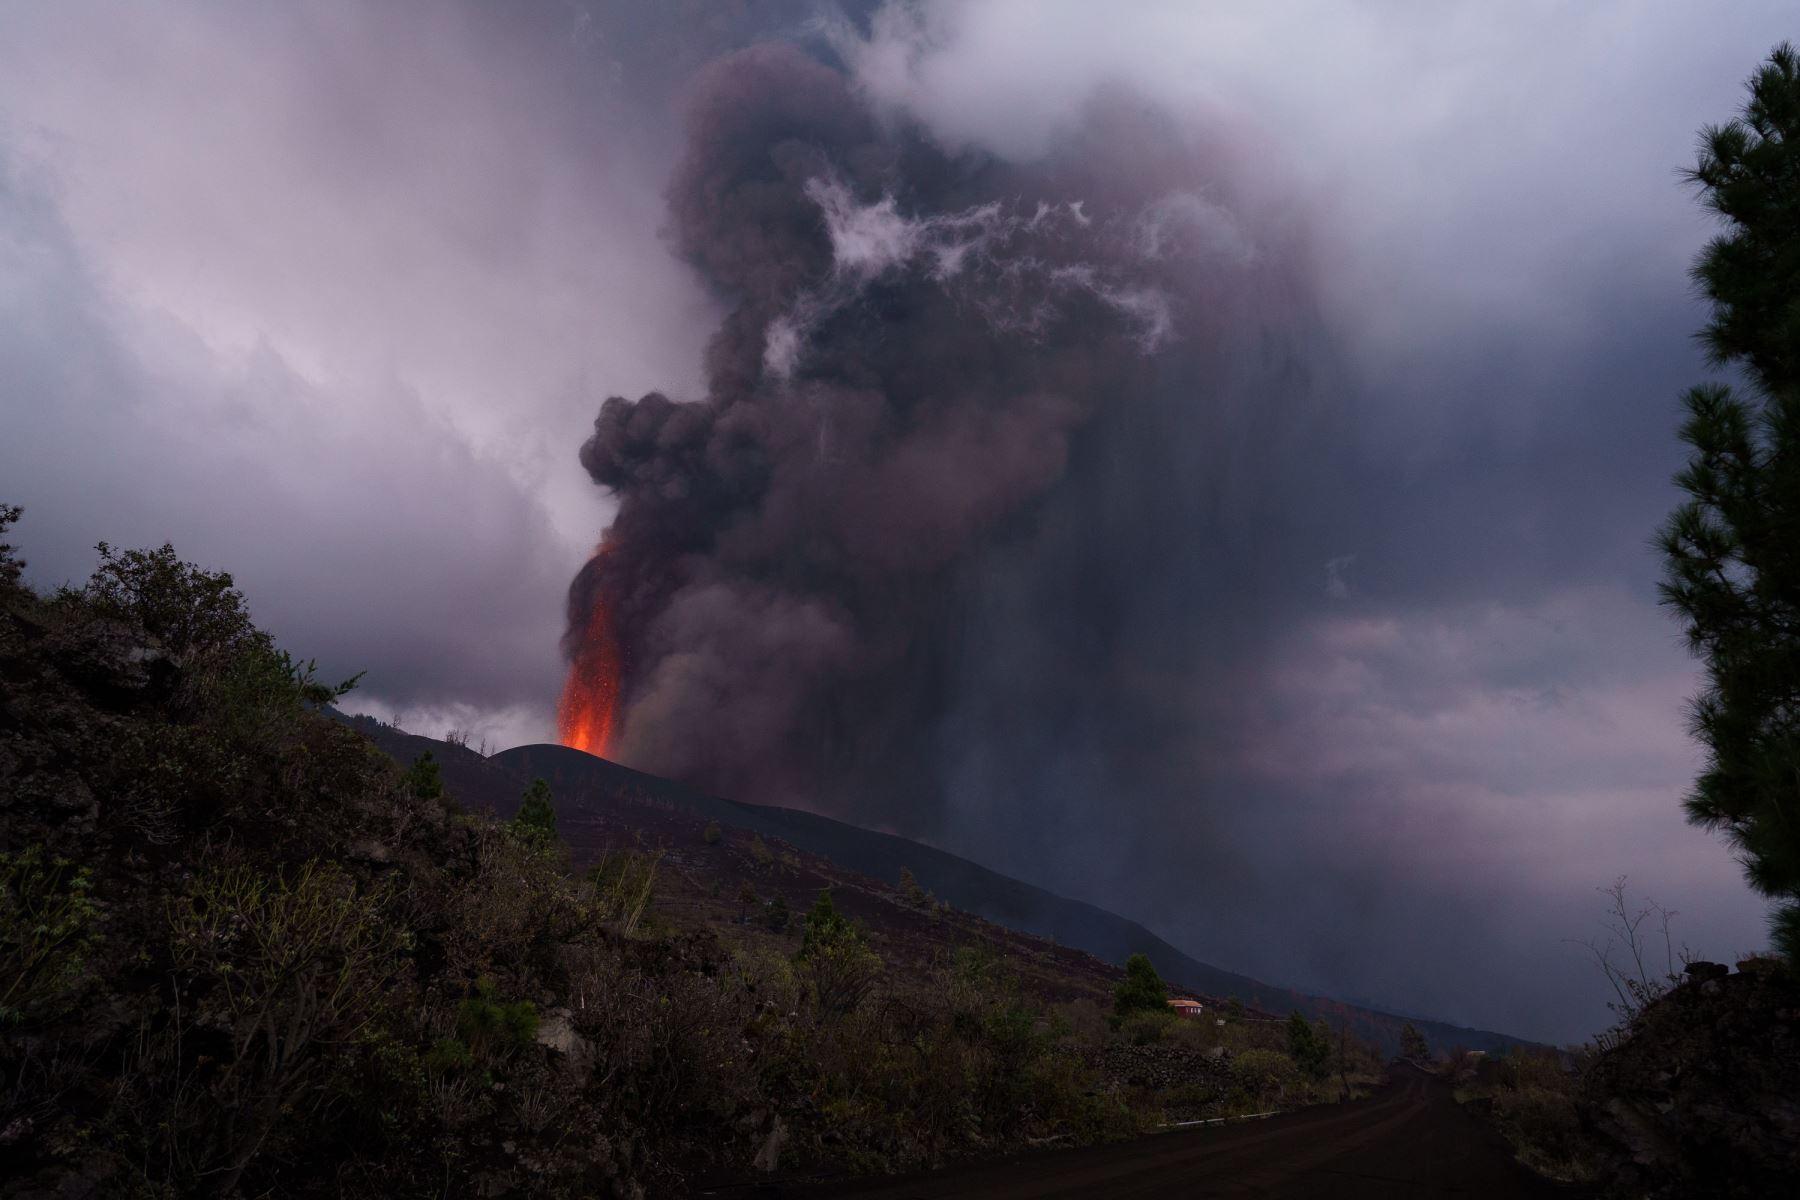 El volcán de La Palma cumple su cuarto día de erupción, con más de 5.000 vecinos desalojados de sus casas y graves daños en viviendas e infraestructuras de tres municipios. Foto: EFE